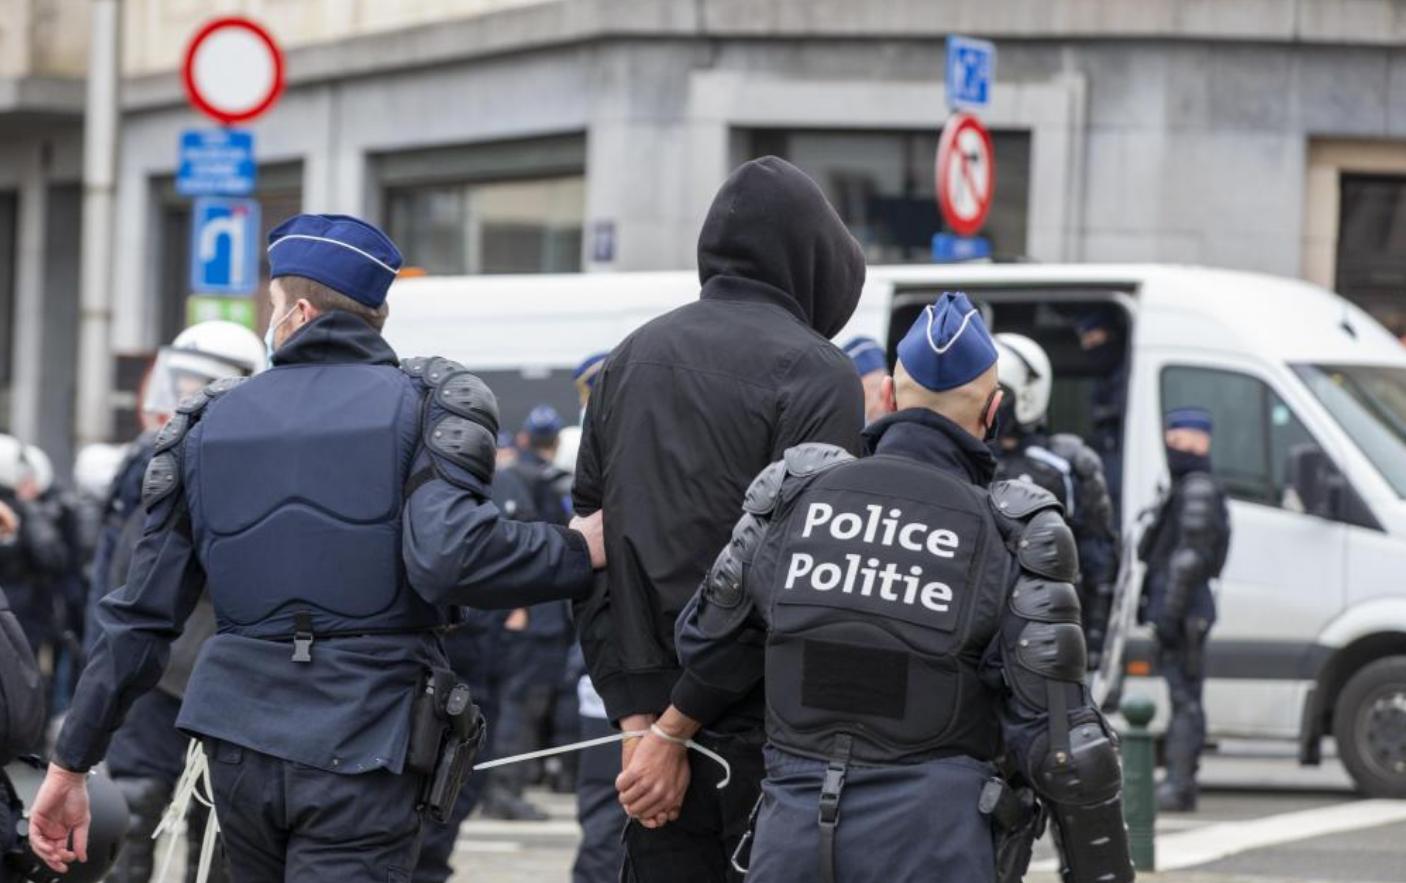 Среди арестованных в Бельгии было много футбольных фанатов